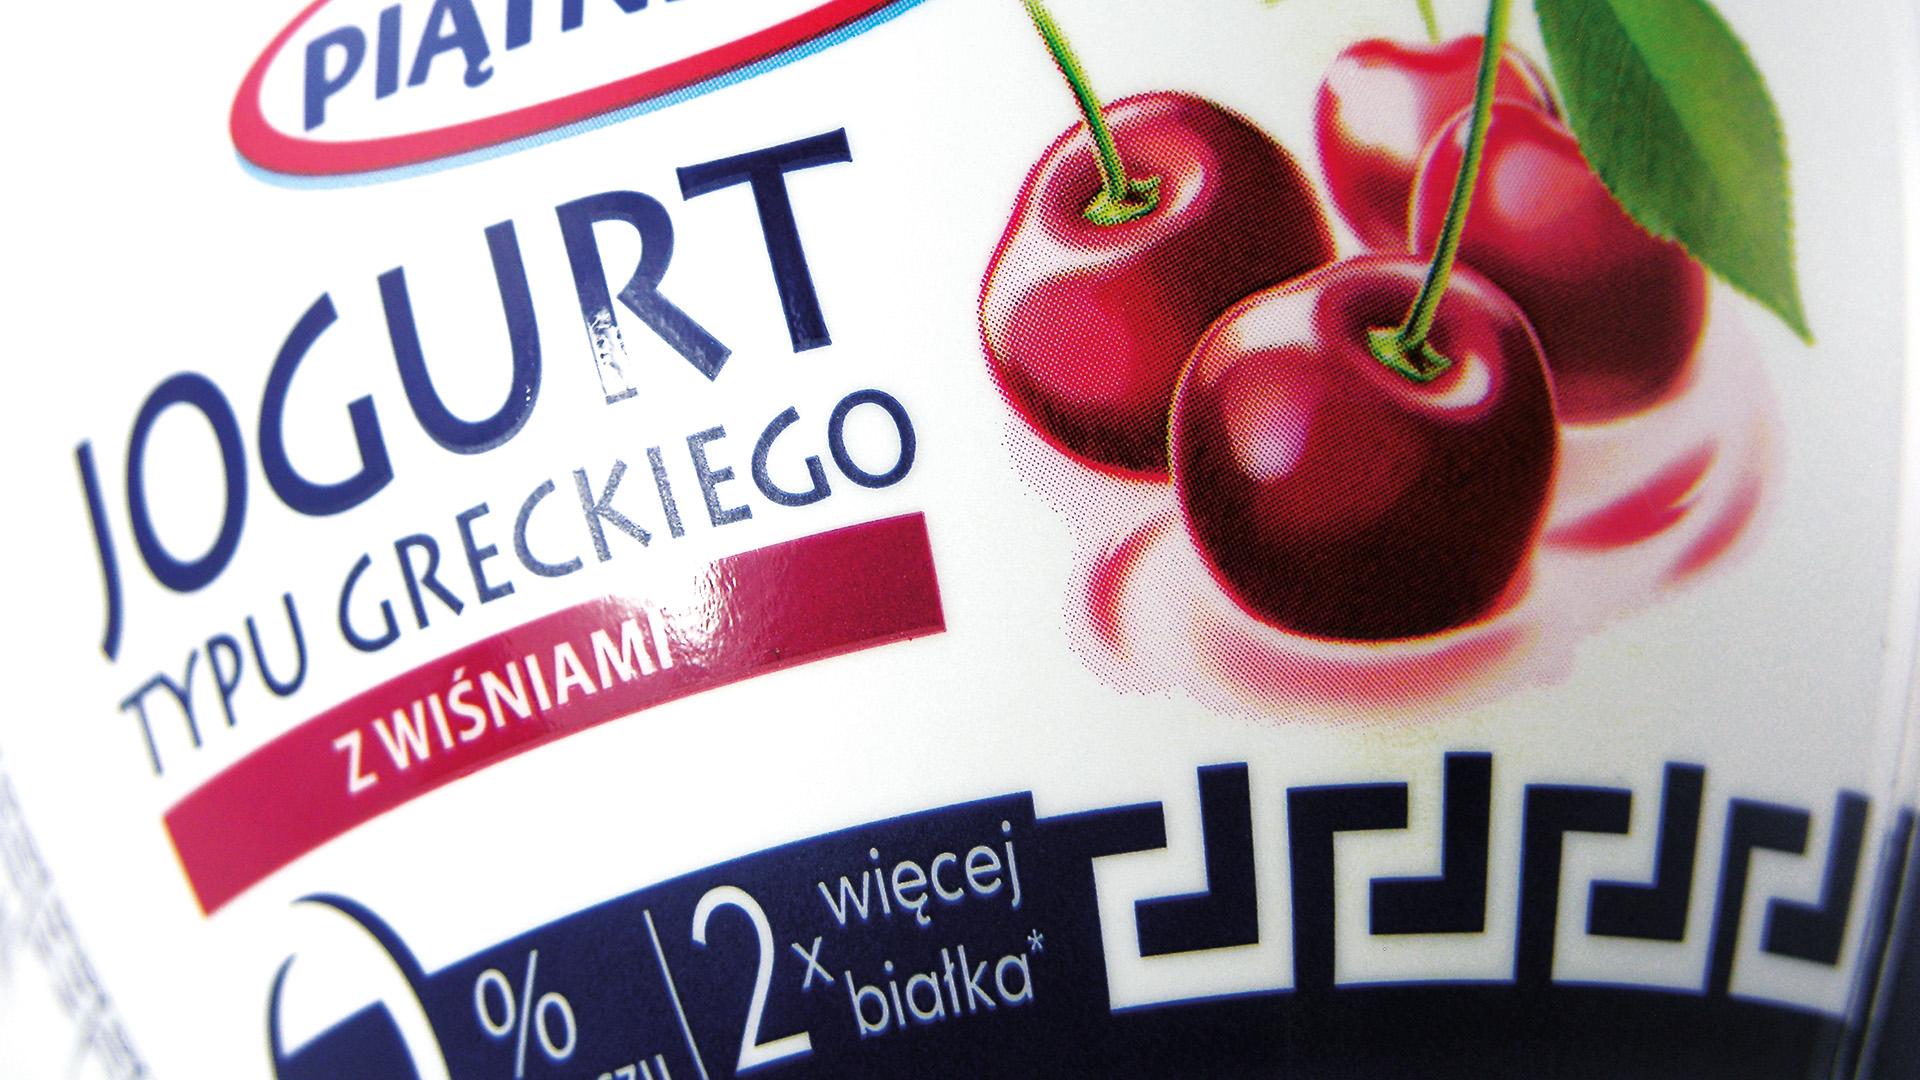 Piątnica Jogurt typu greckiego